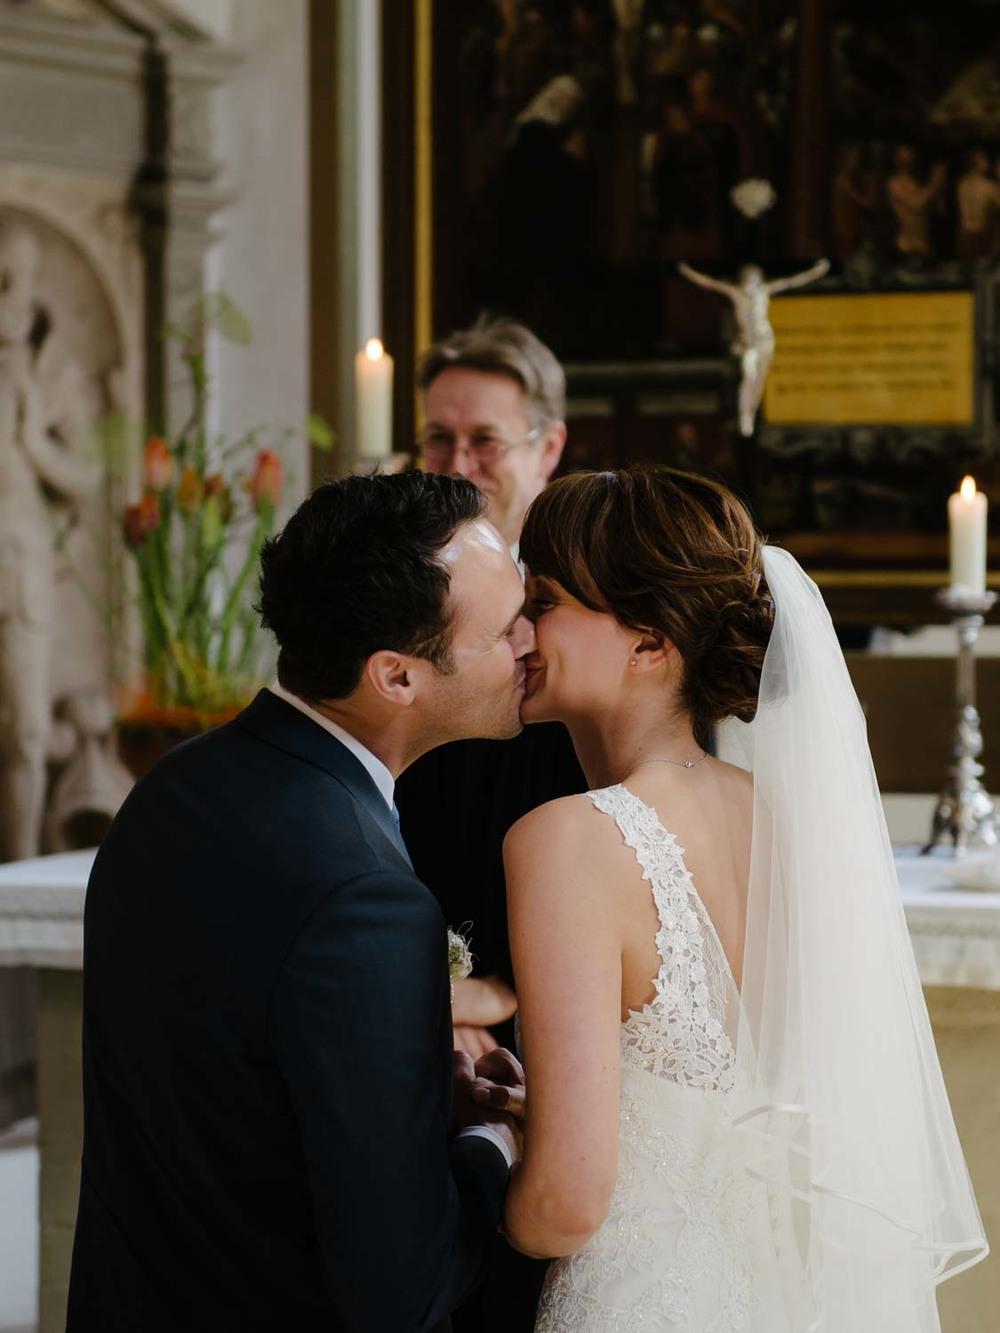 Bräutigam küsst Braut kirchliche Trauung Hochzeit Rostocker Fotograf in Augsburg